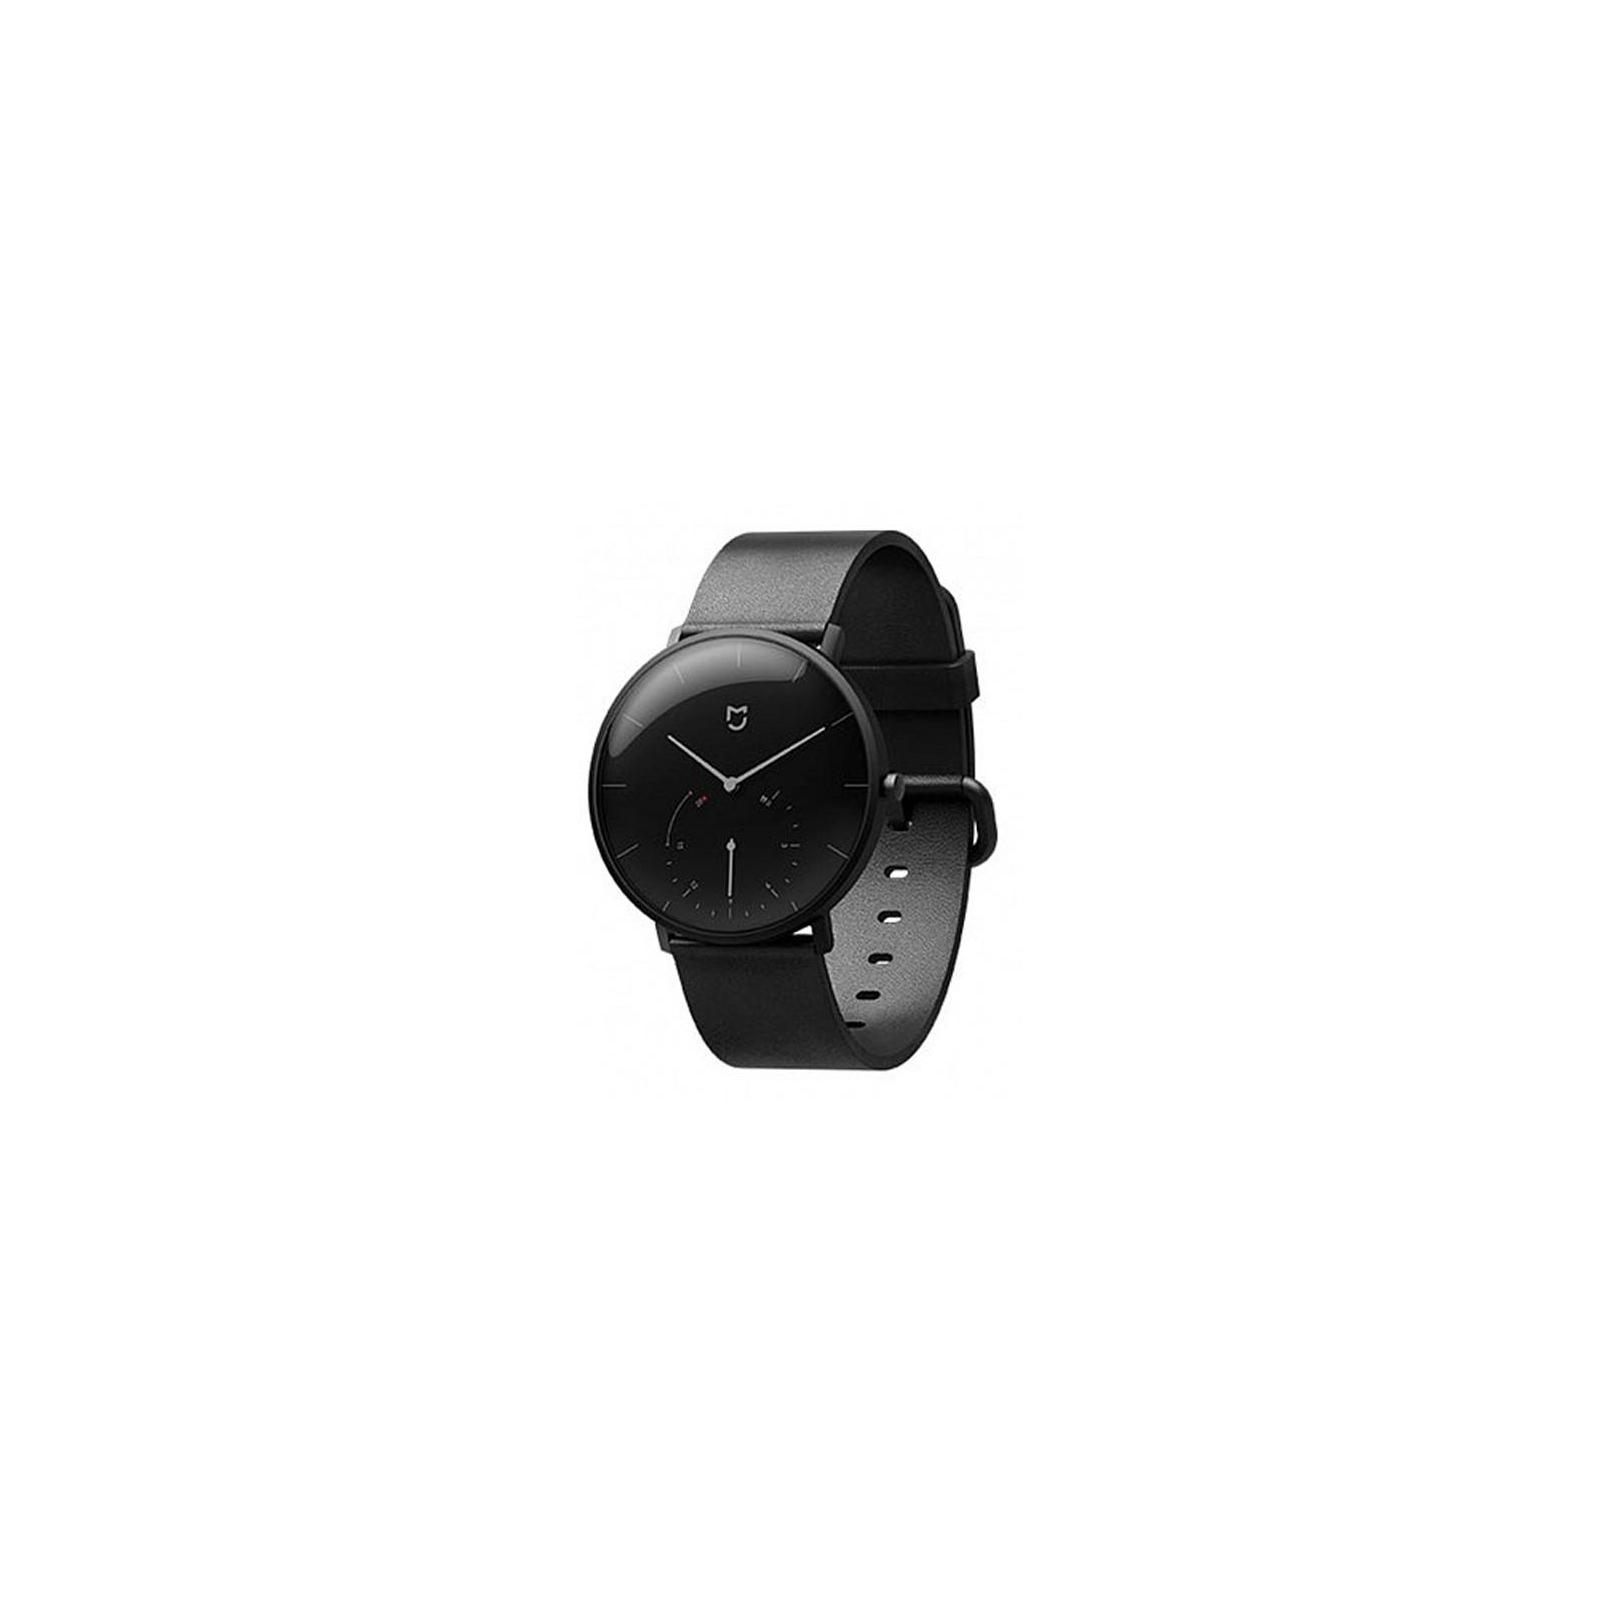 5aca67aaf6de Смарт-часы Xiaomi Mijia Quartz Watch Black (UYG4016CN) цены в Киеве ...